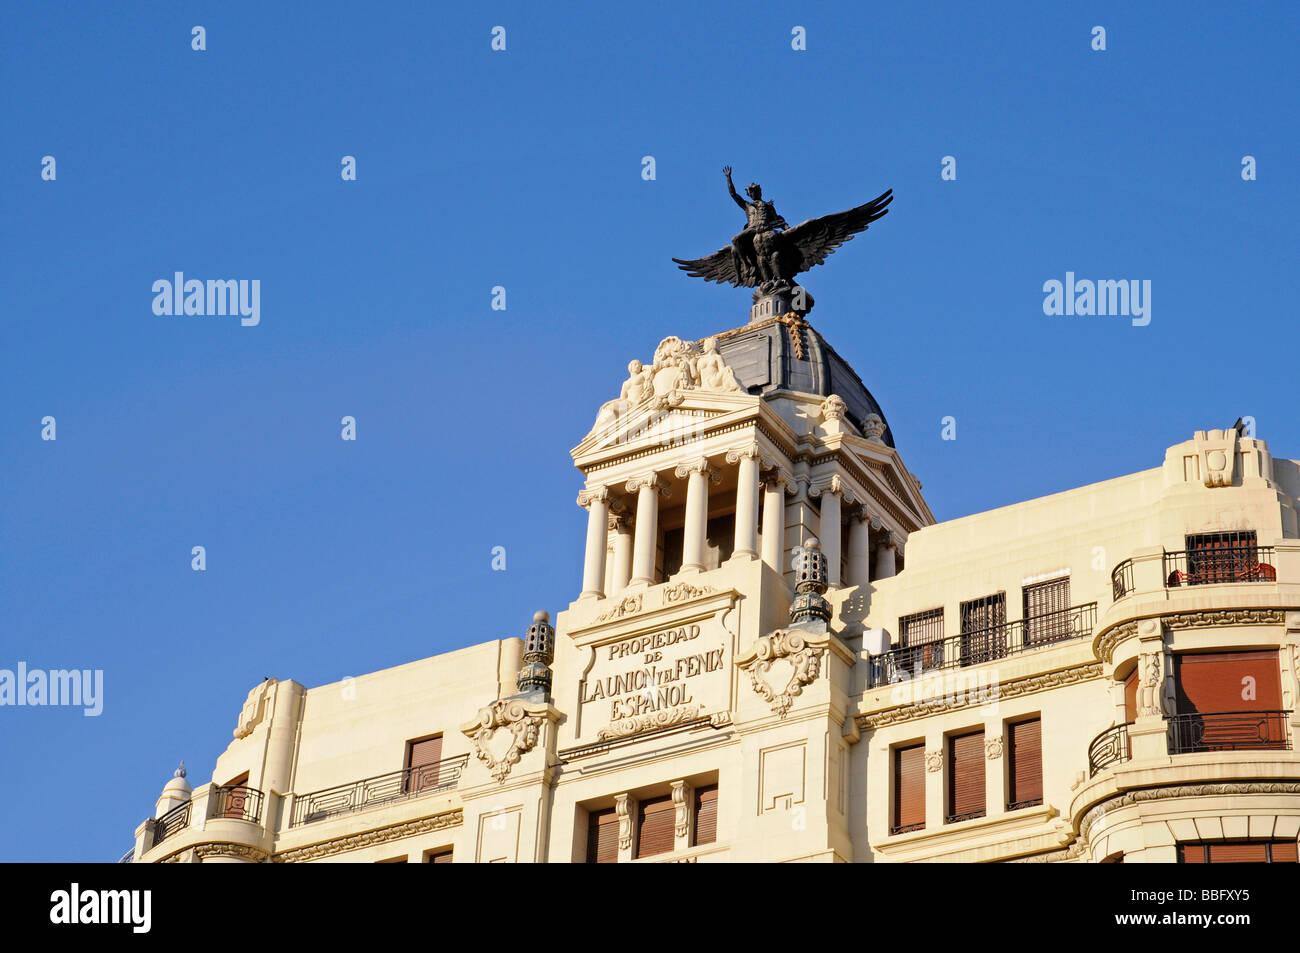 Edificio La Union y El Fenix Espanol building, built in 1929, designed by the architect Viedma Enrique Vidal, railway - Stock Image